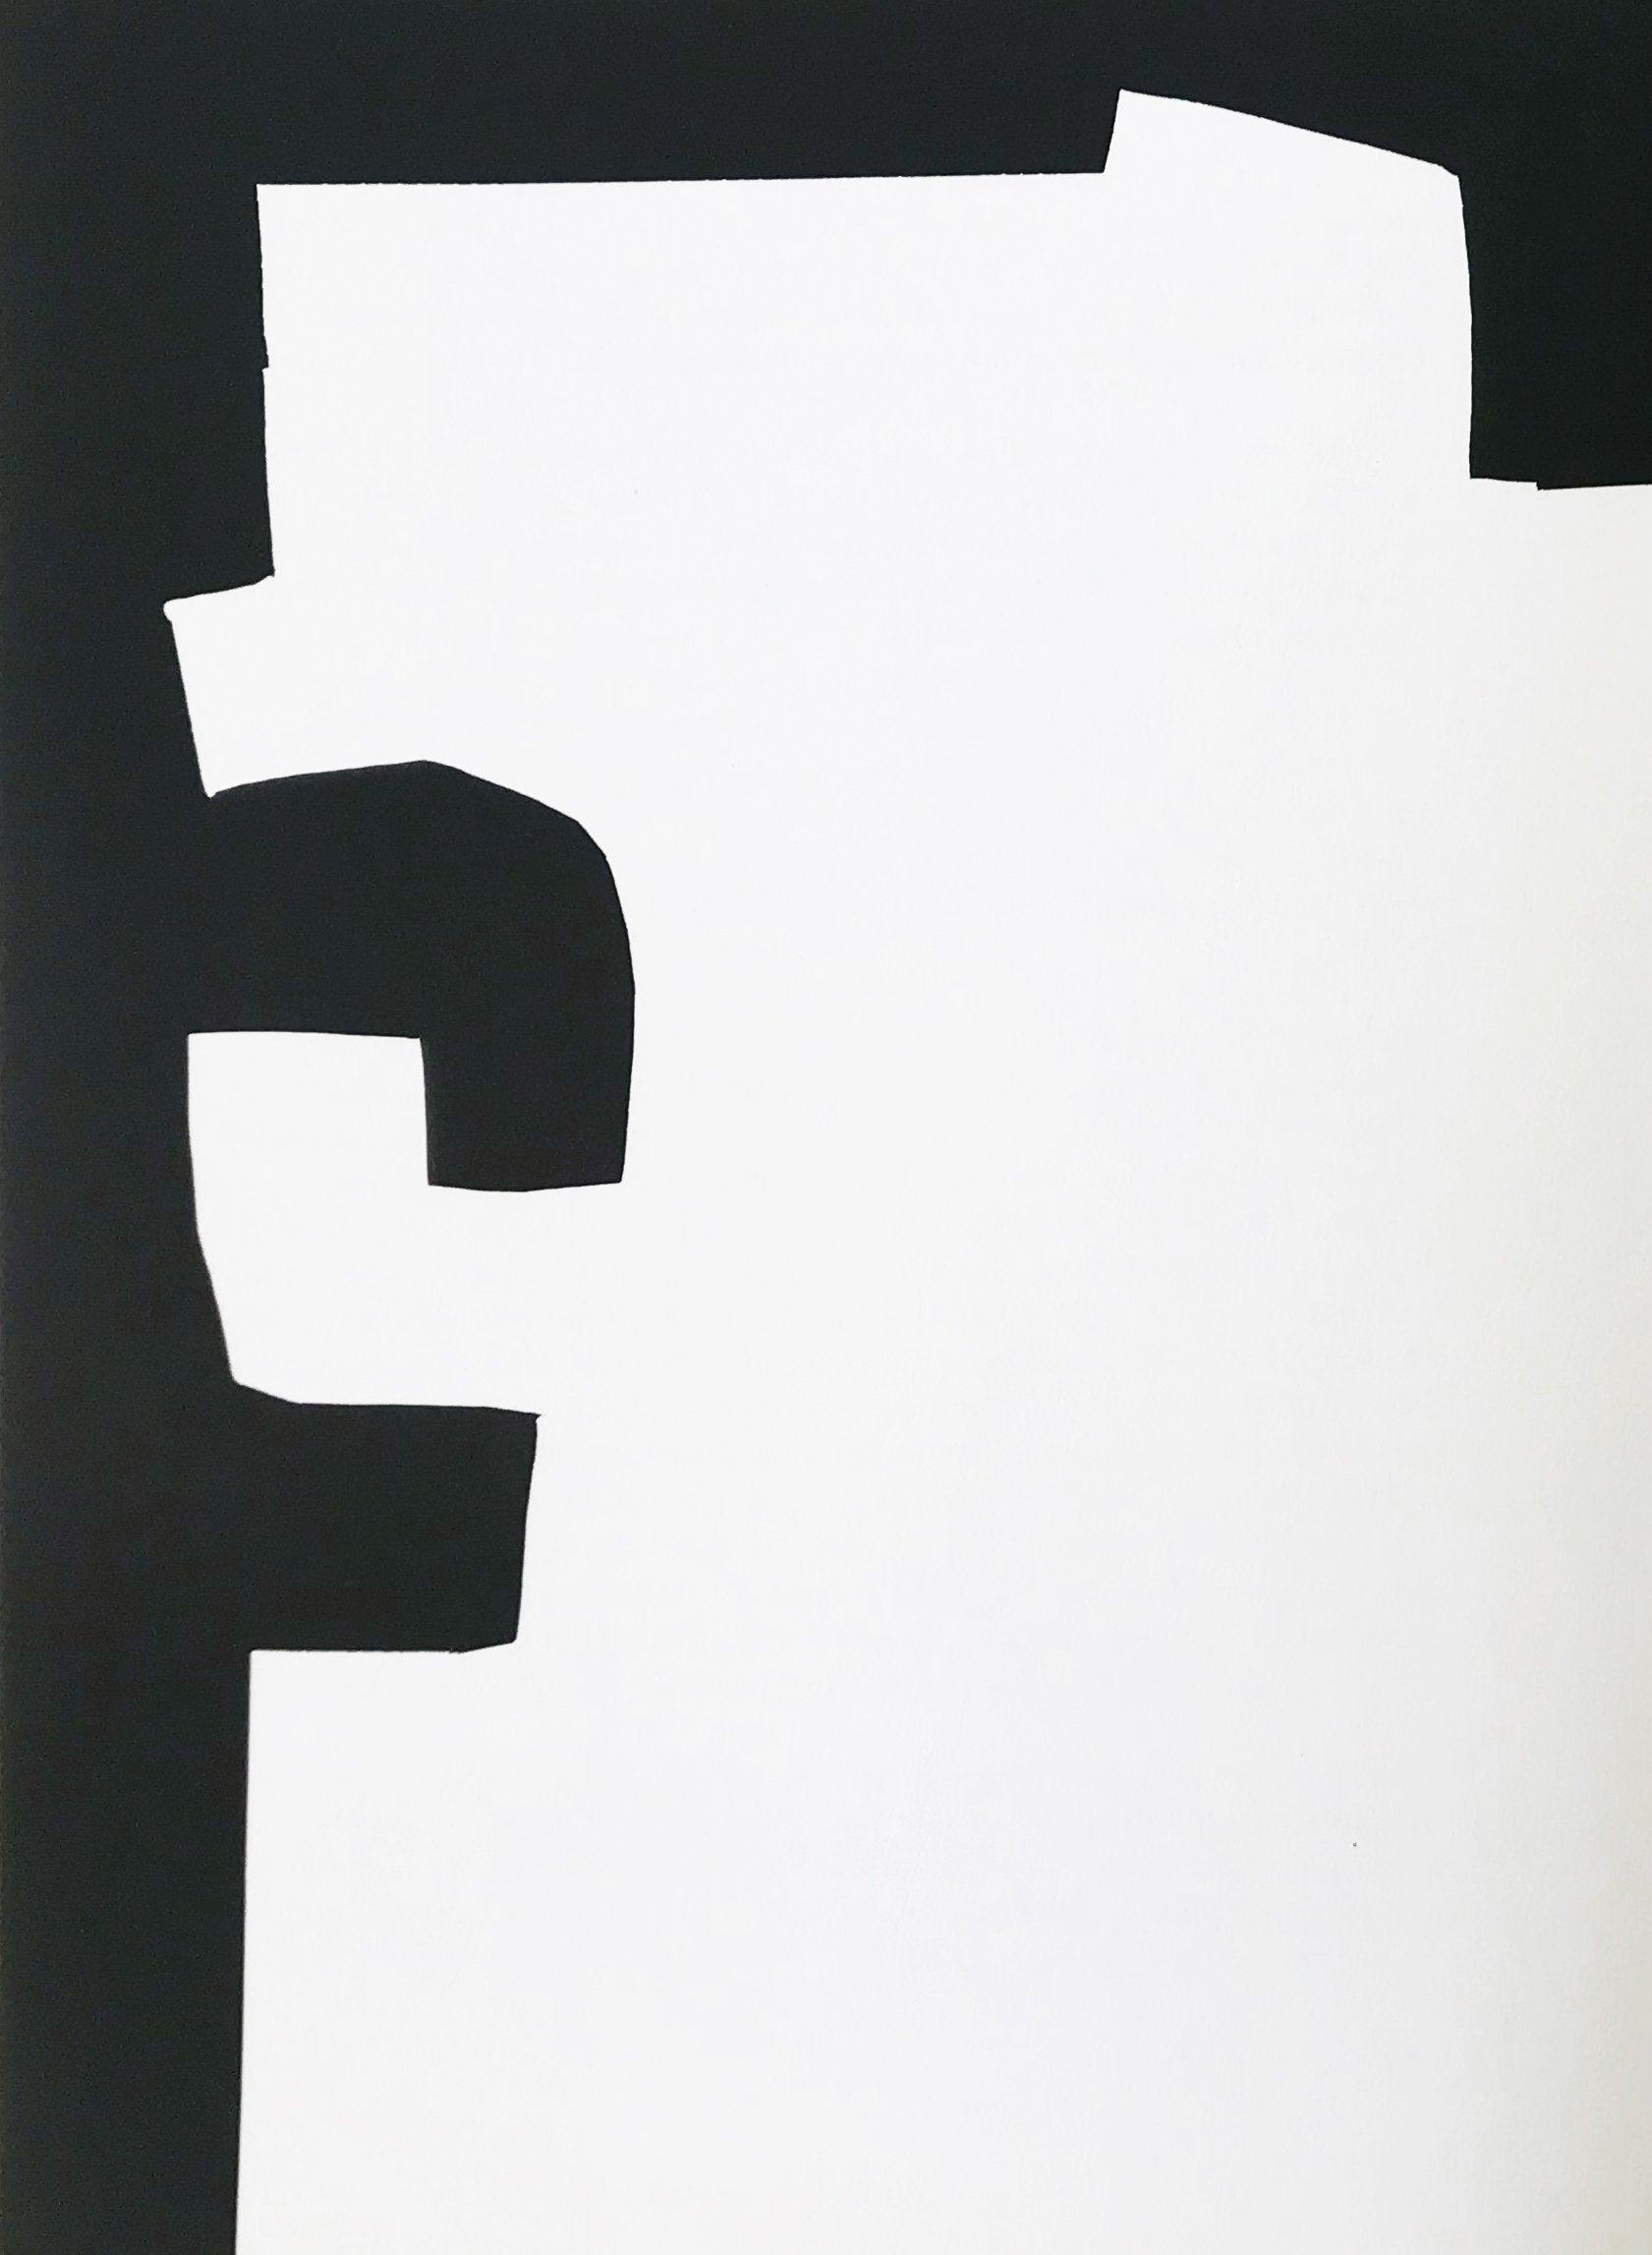 Eduardo Chillida, Original Lithograph, DM02204L, Derriere le miroir 1973